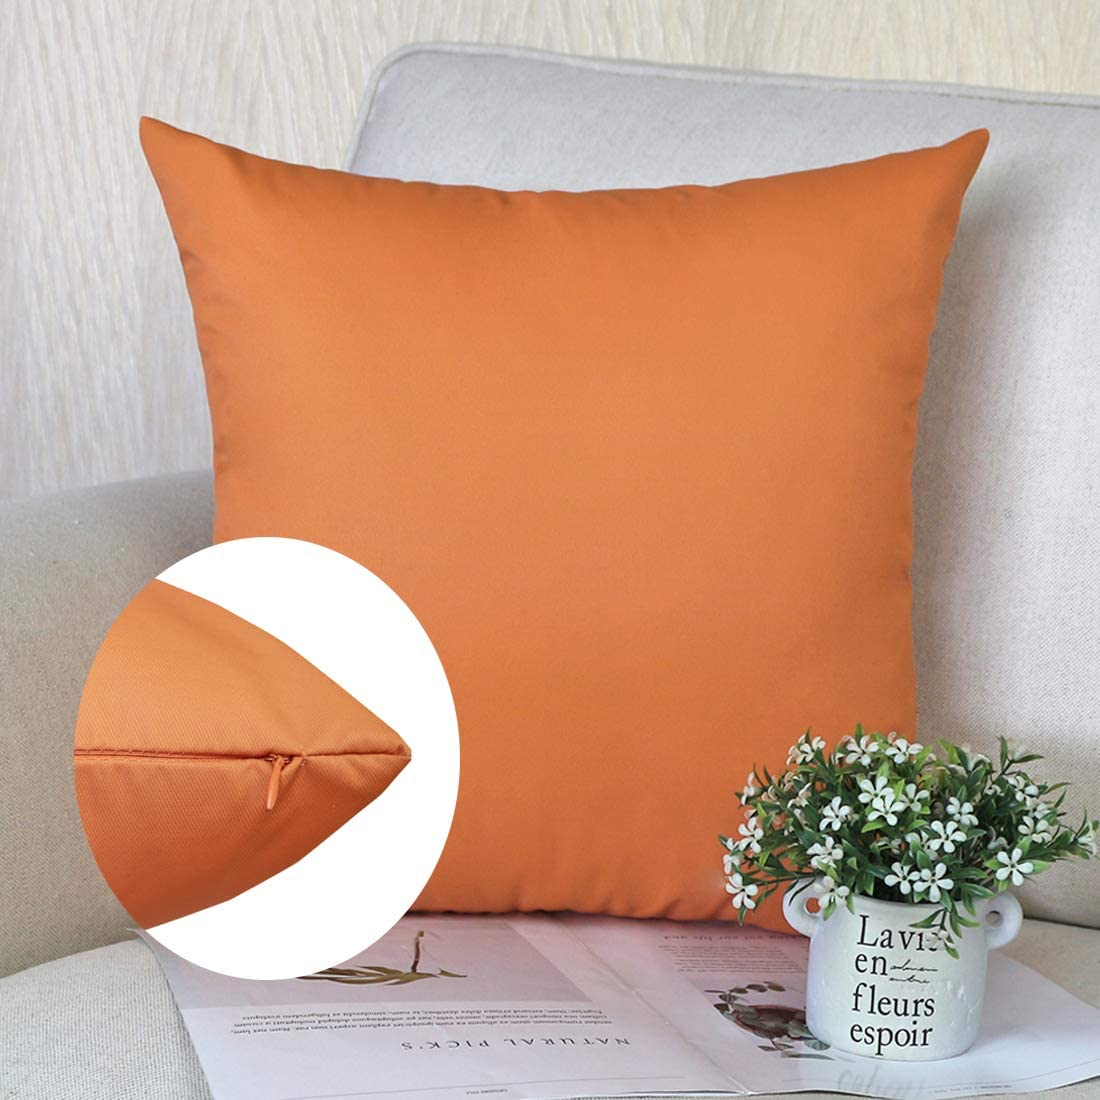 Velours c/ôtel/é R/étro Style Housse De Coussin carr/é pour Lit Voiture De La Maison Canap/é 65 x 65 cm Dapei Taie doreiller Orange